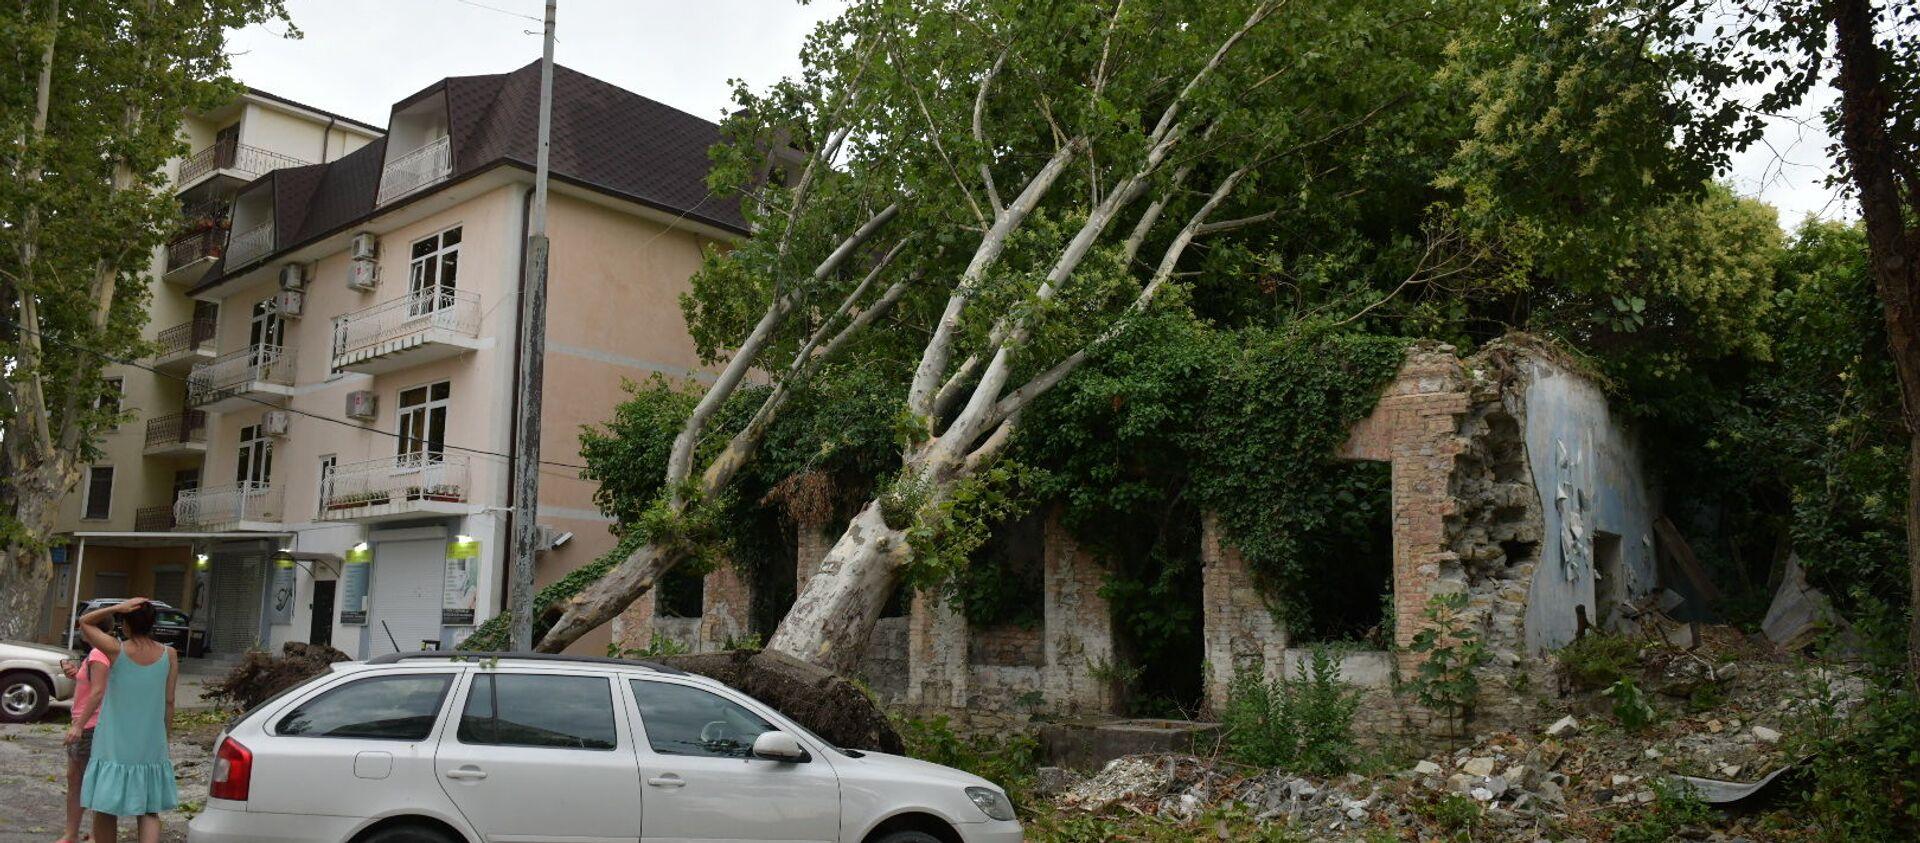 Посносил крыши и деревья: последствия сильного ветра в Сухуме - Sputnik Абхазия, 1920, 04.07.2021